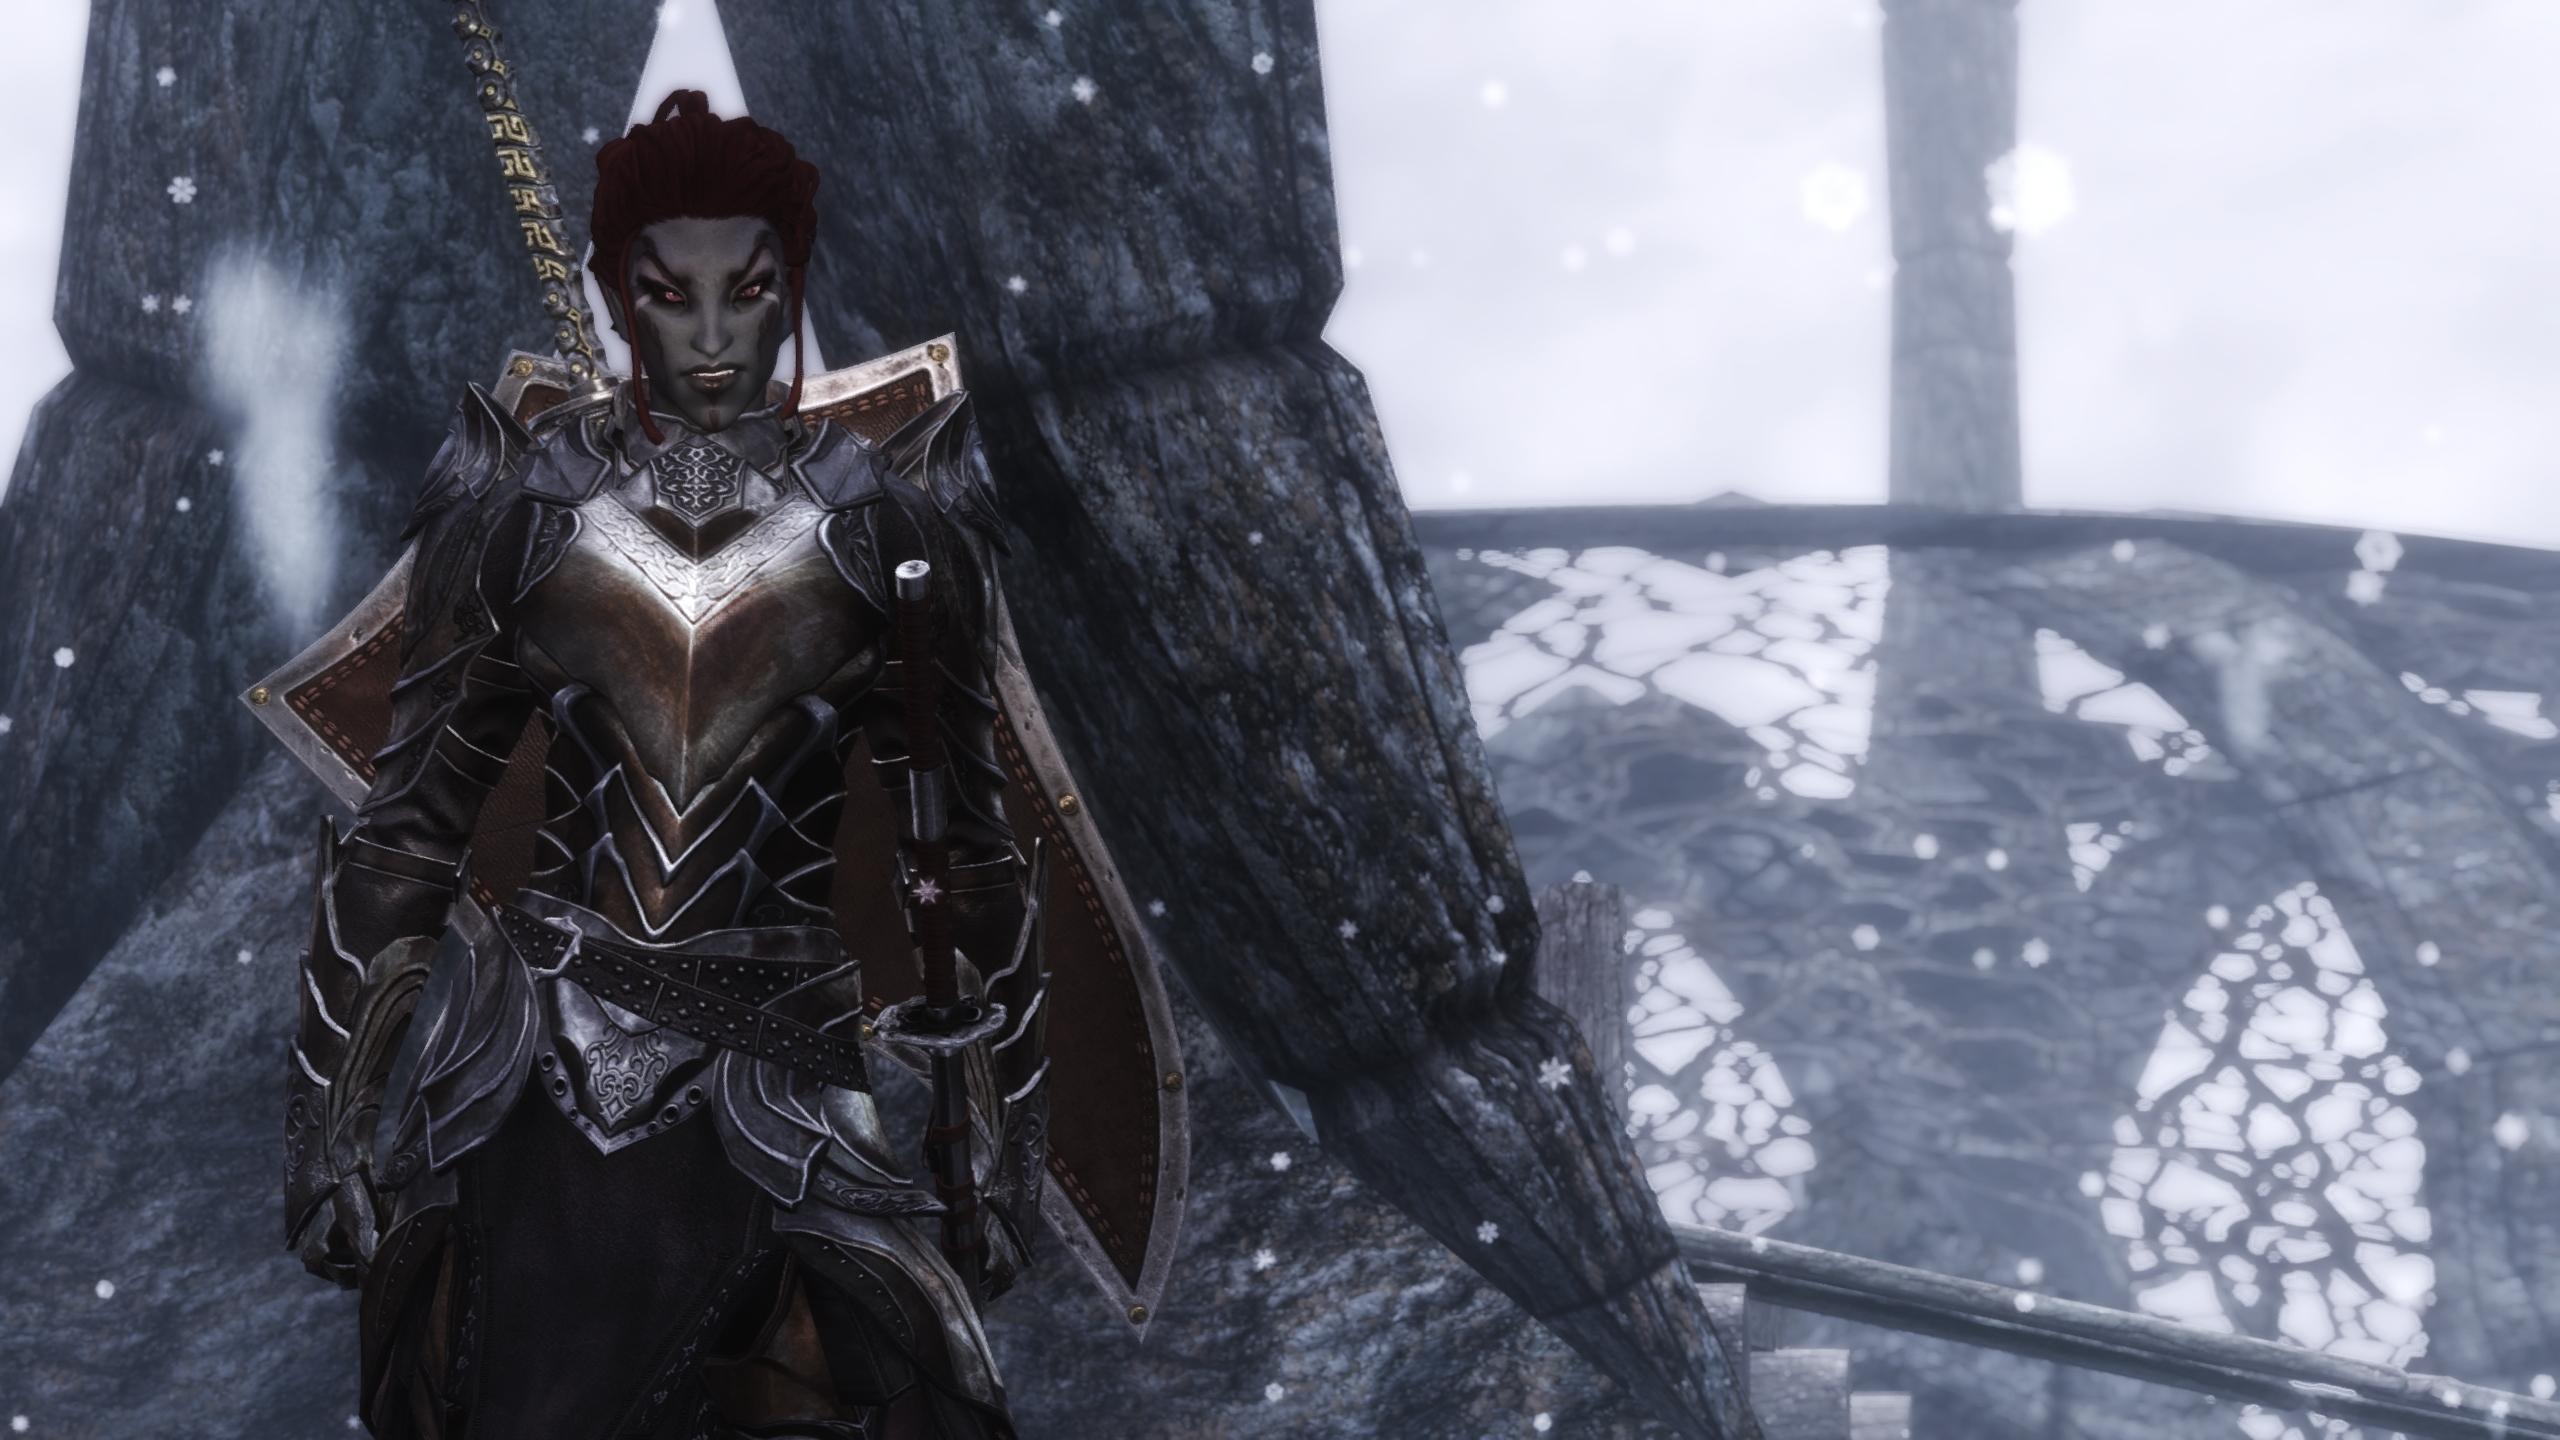 Reinforced Ebony Armor